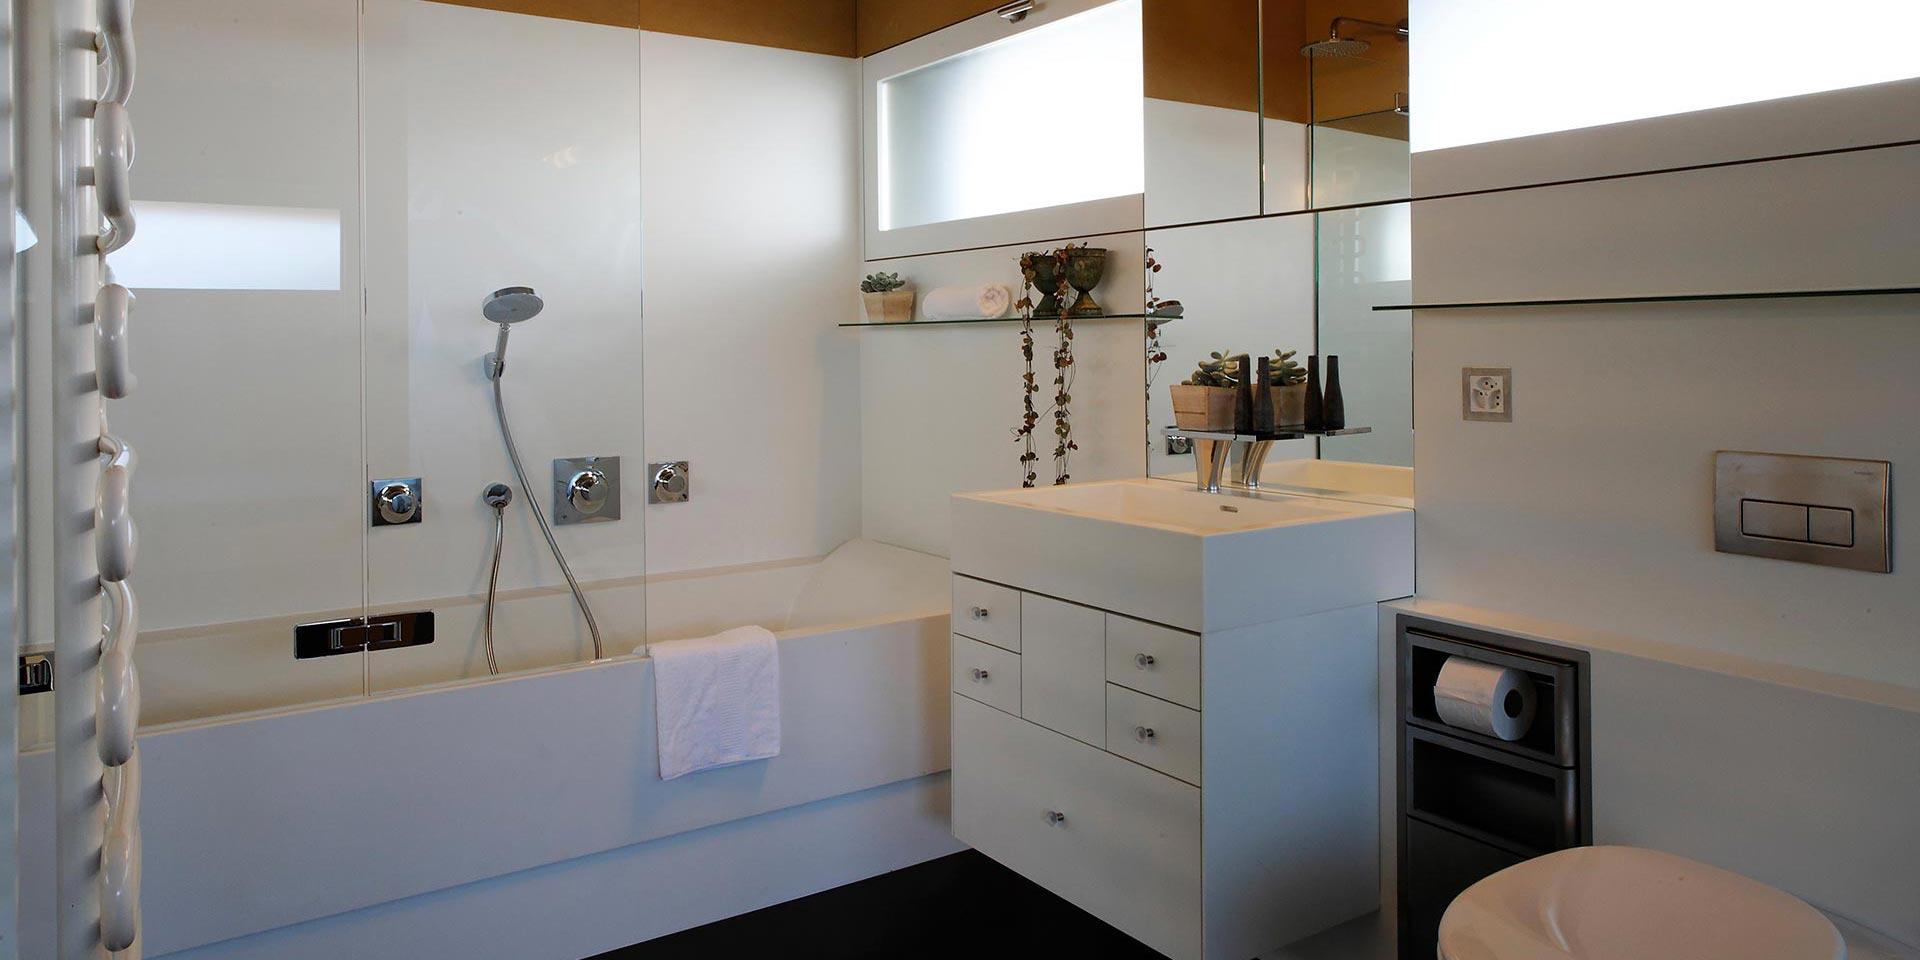 GrdRaccard310807 Eskiss886 - Les salles de bain du Grand Raccard